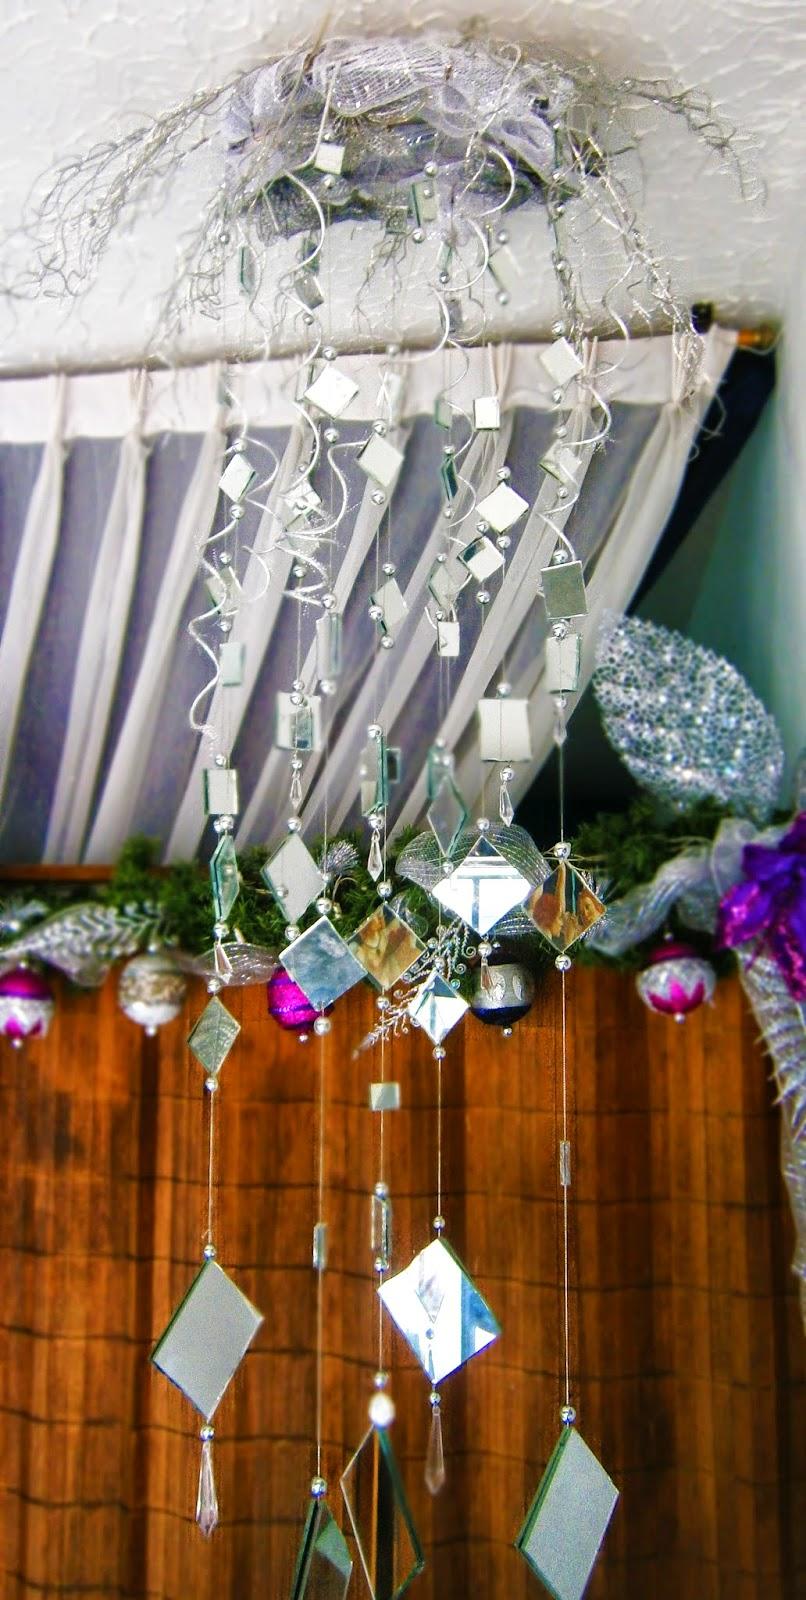 Nataly murcia blog decoraci n de navidad - Blog decoracion navidad ...